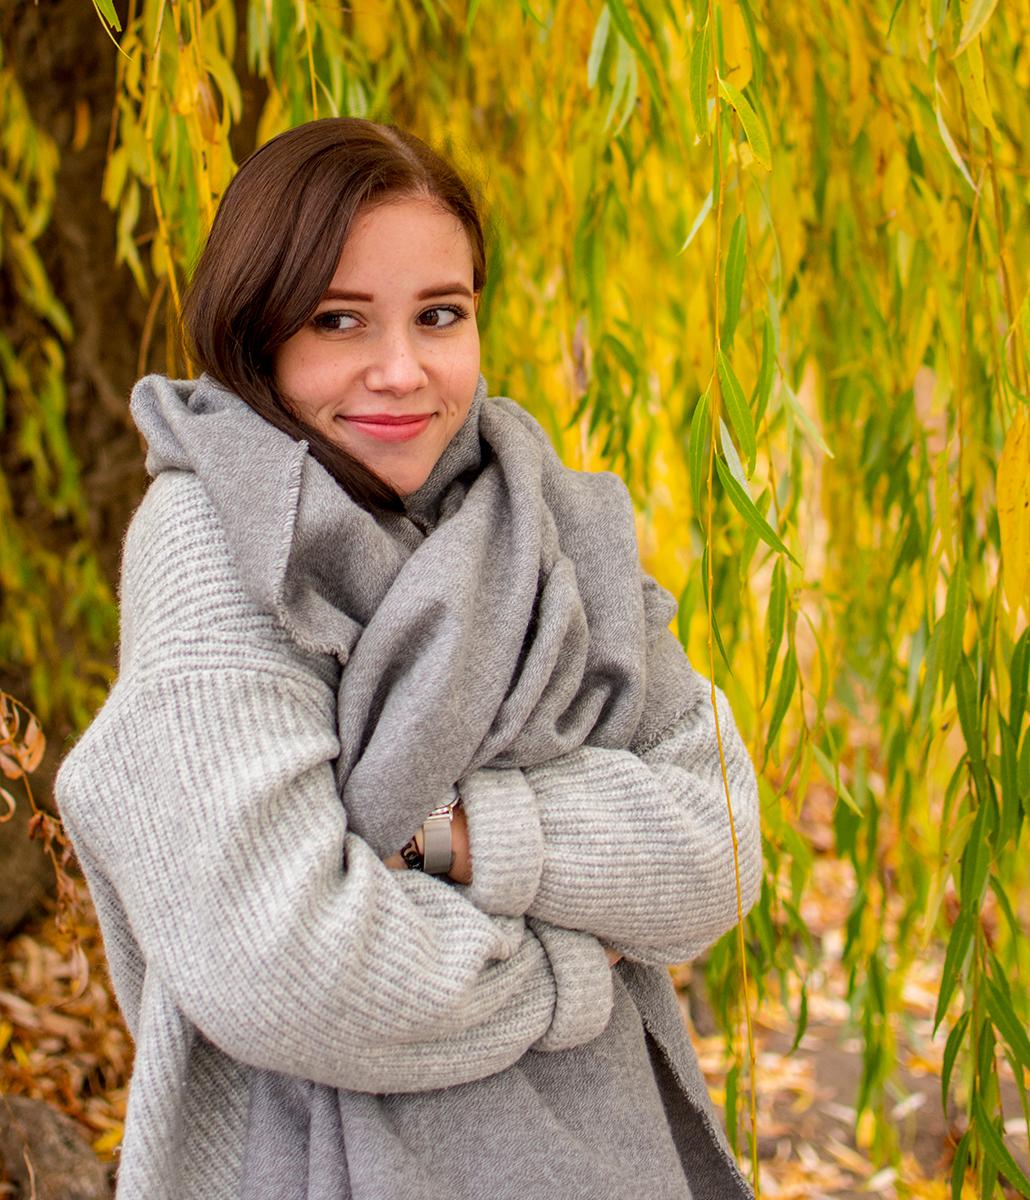 Jenny aus Magdeburg auf die Votze gespritzt